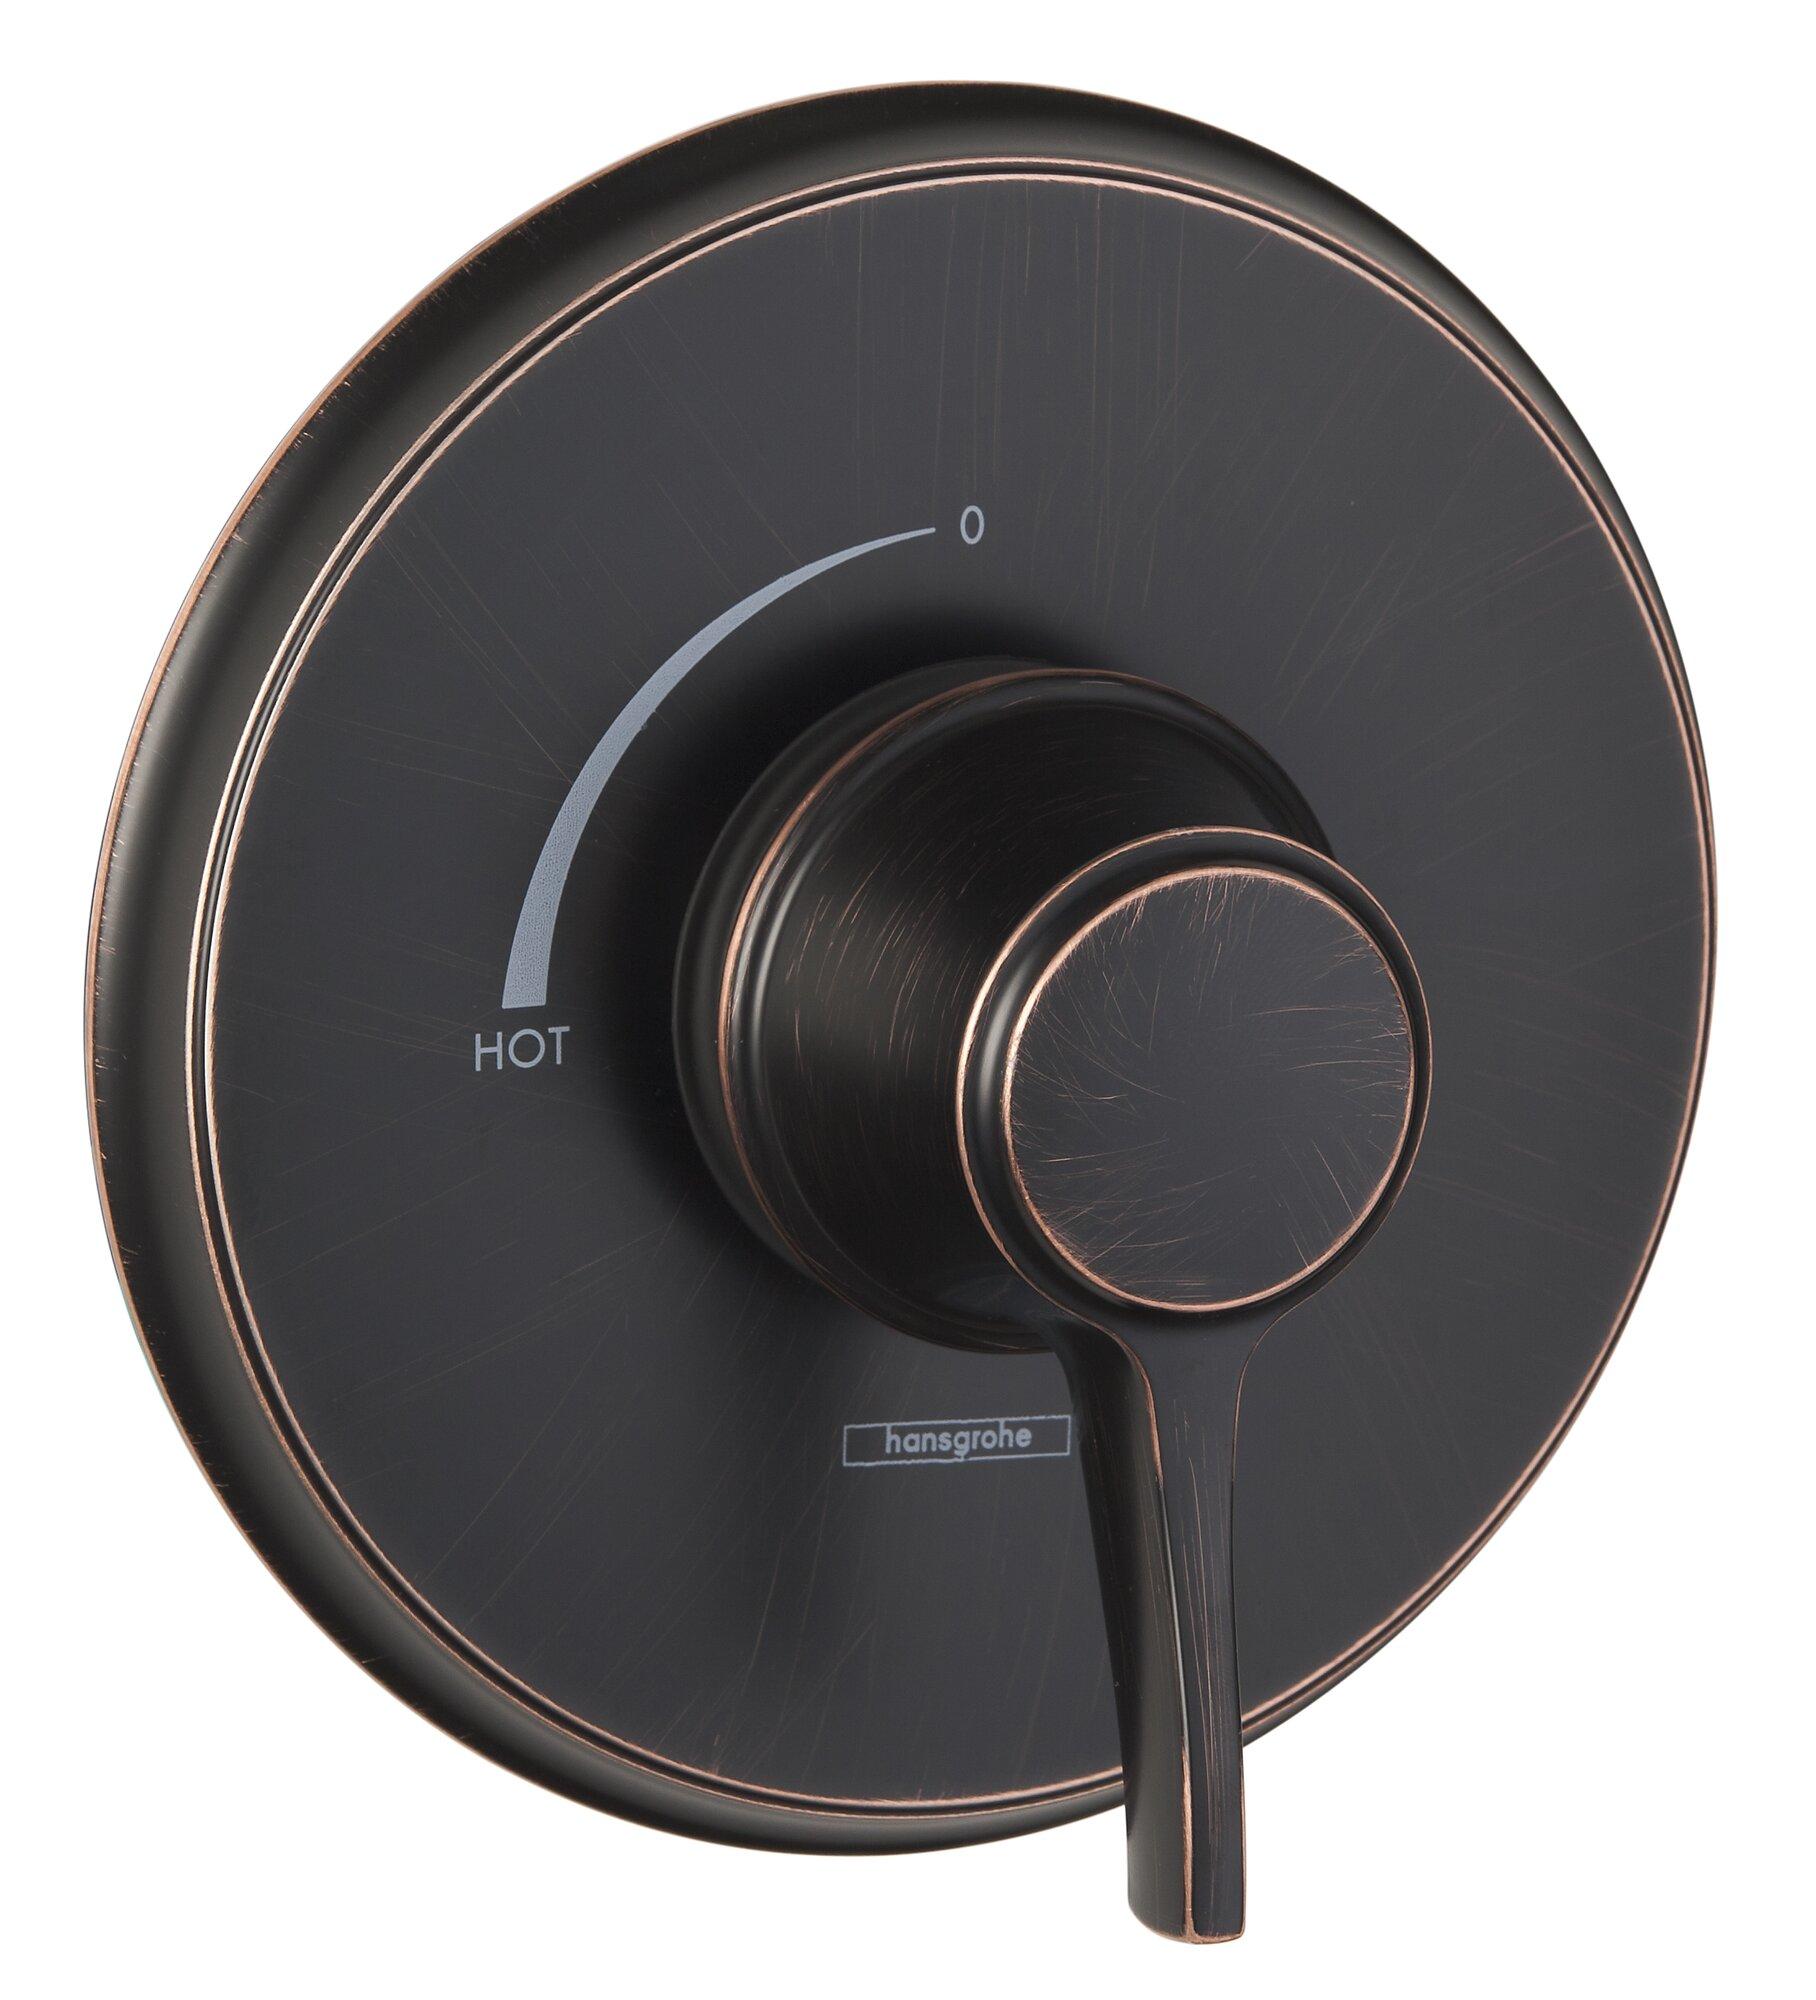 Hansgrohe Metris C Pressure Balance Faucet Trim | eBay